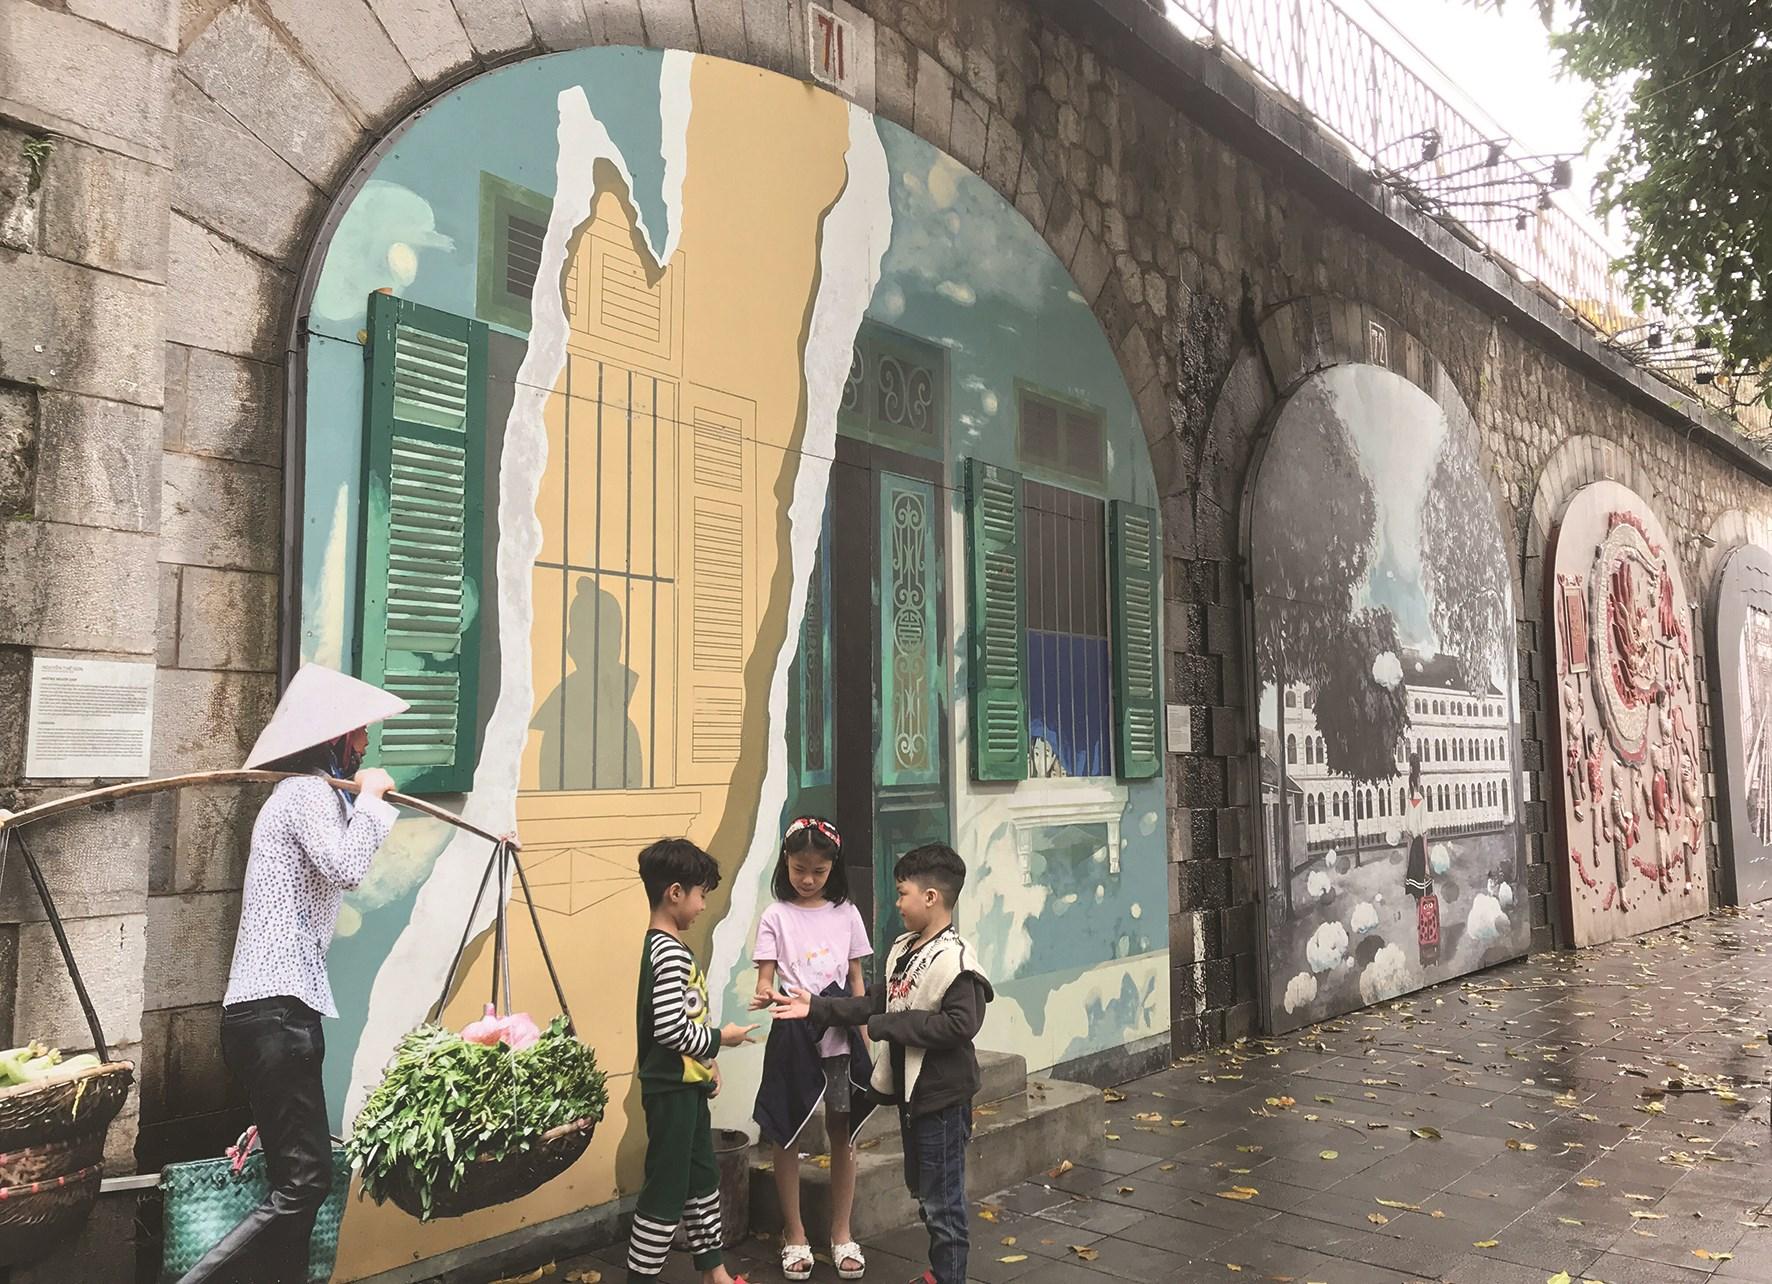 Phố Bích họa Phùng Hưng, Hà Nội là một không gian sống của nghệ thuật công cộng